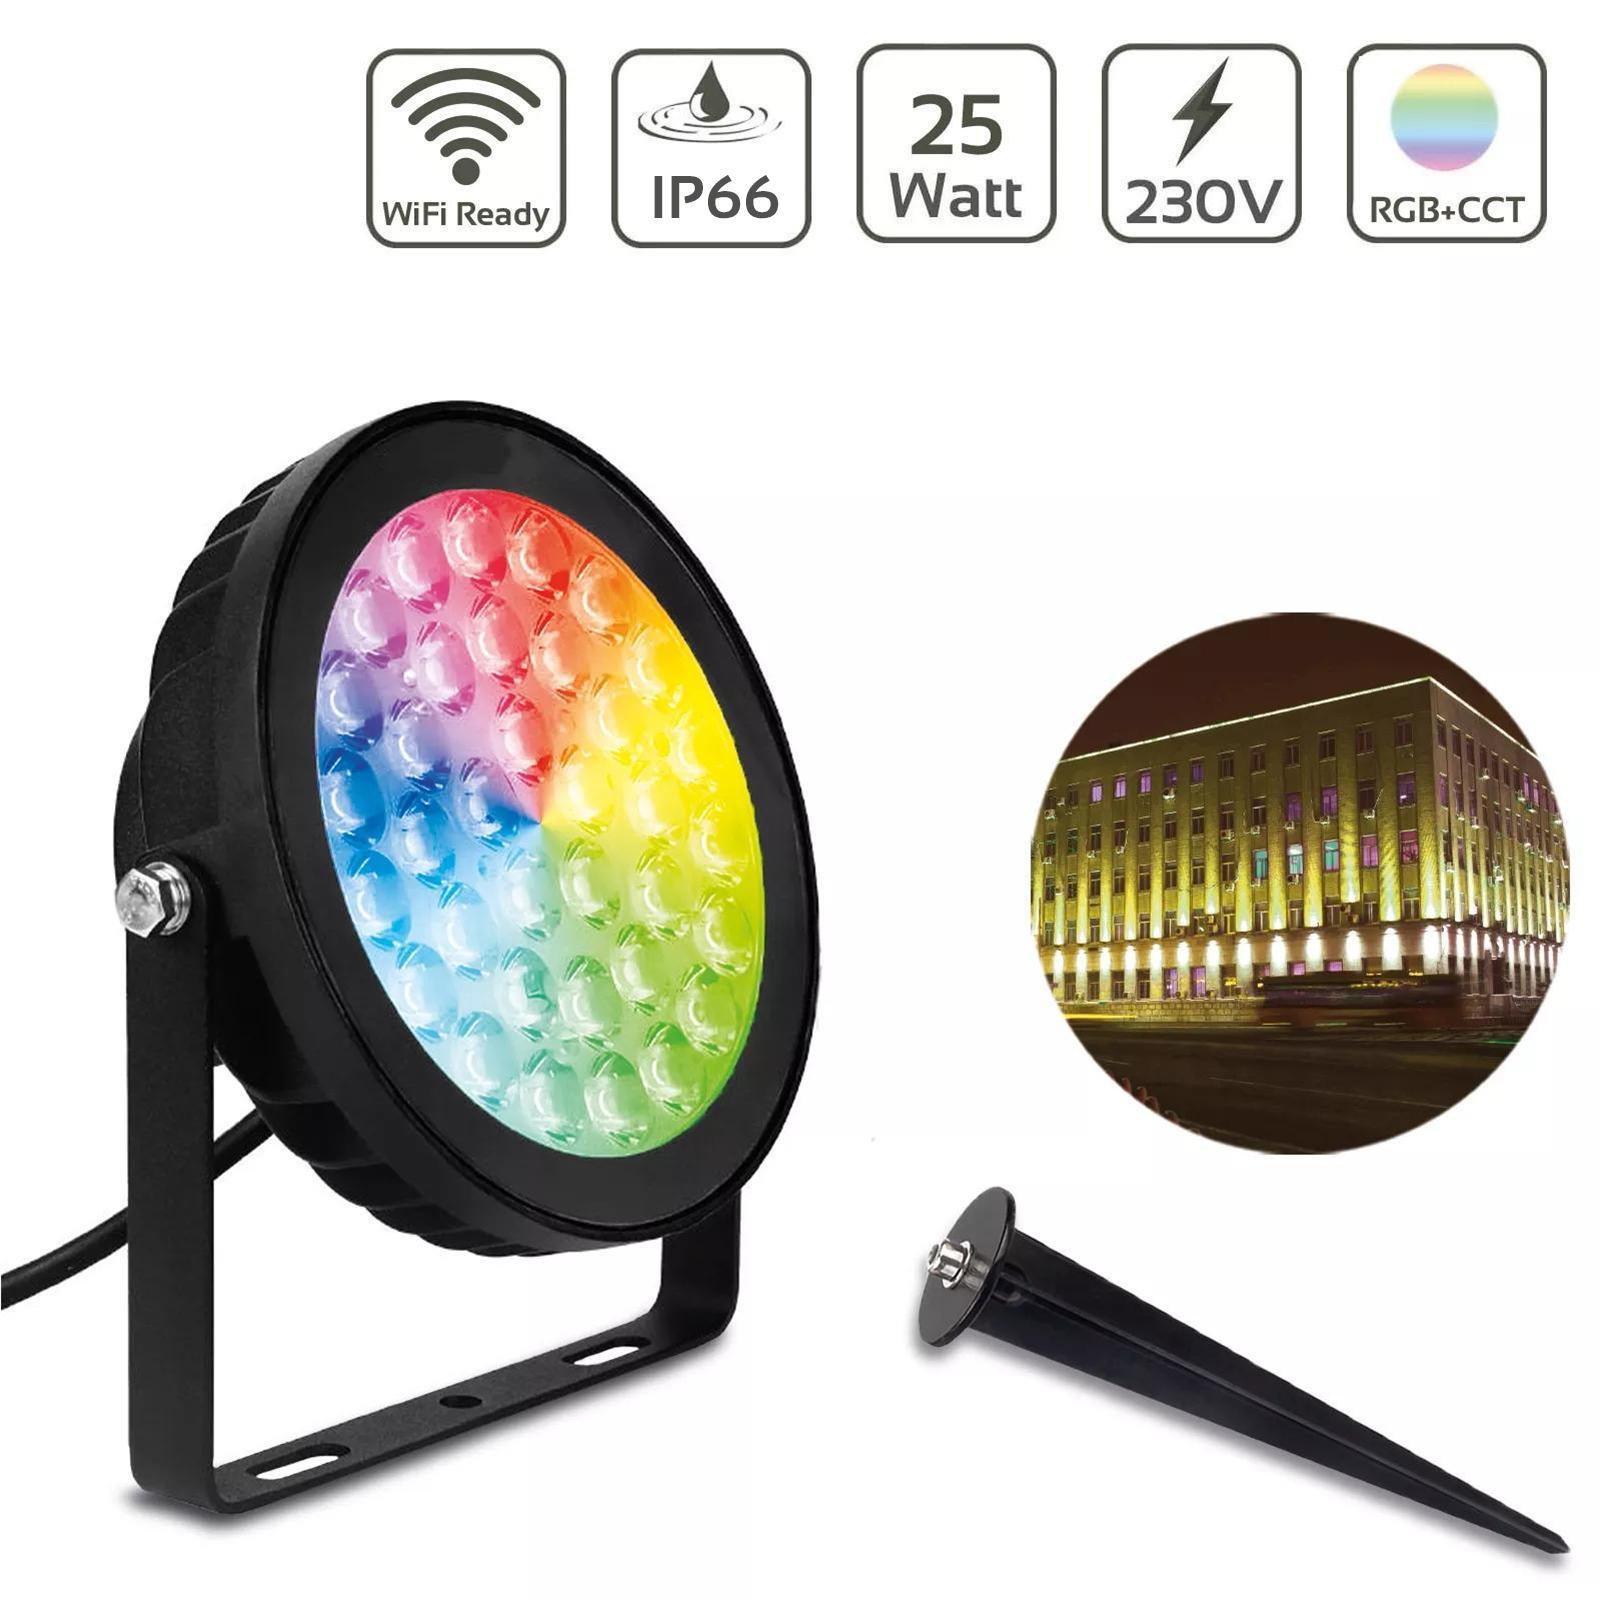 MiBoxer 25W RGB+CCT LED Gartenstrahler WiFi Gartenleuchte mit Erdspieß FUTC05